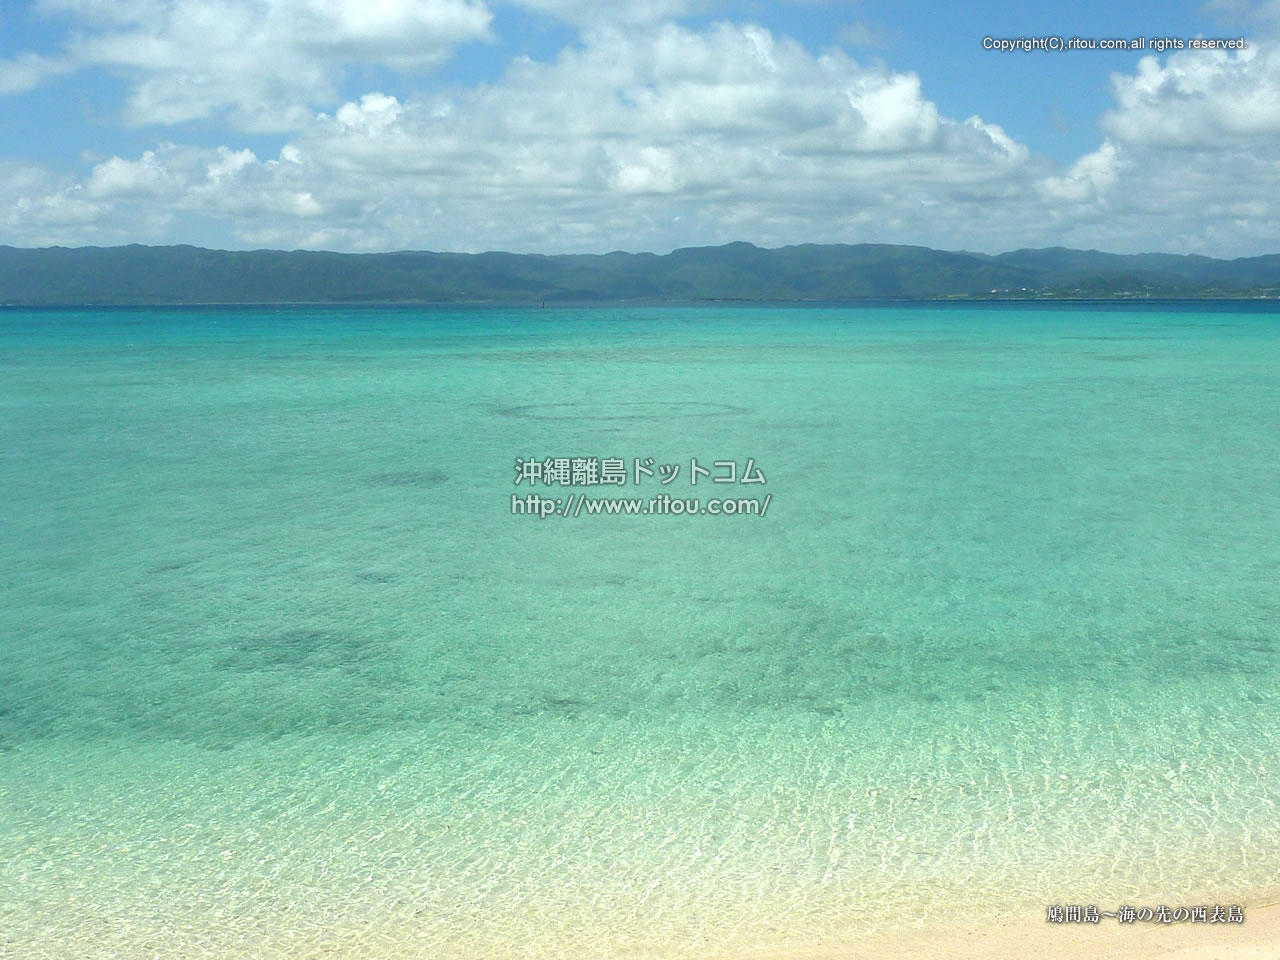 鳩間島〜海の先の西表島